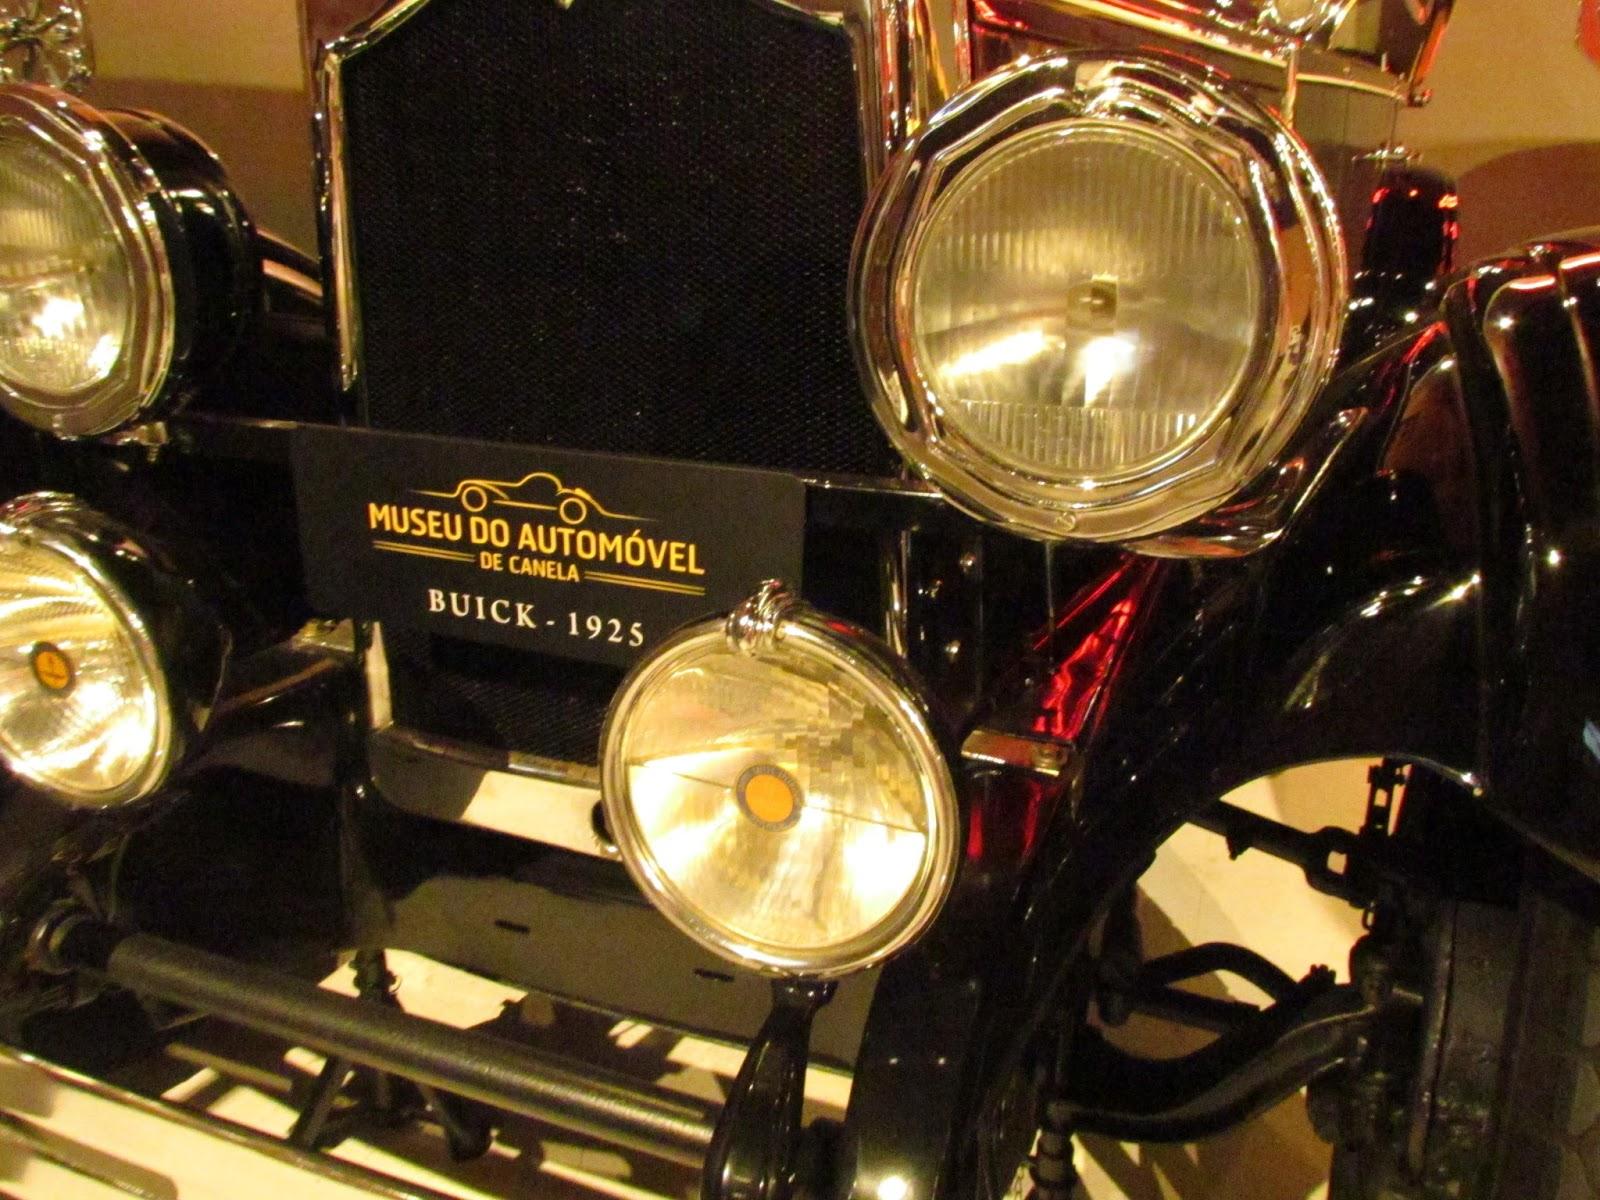 Buick 1925